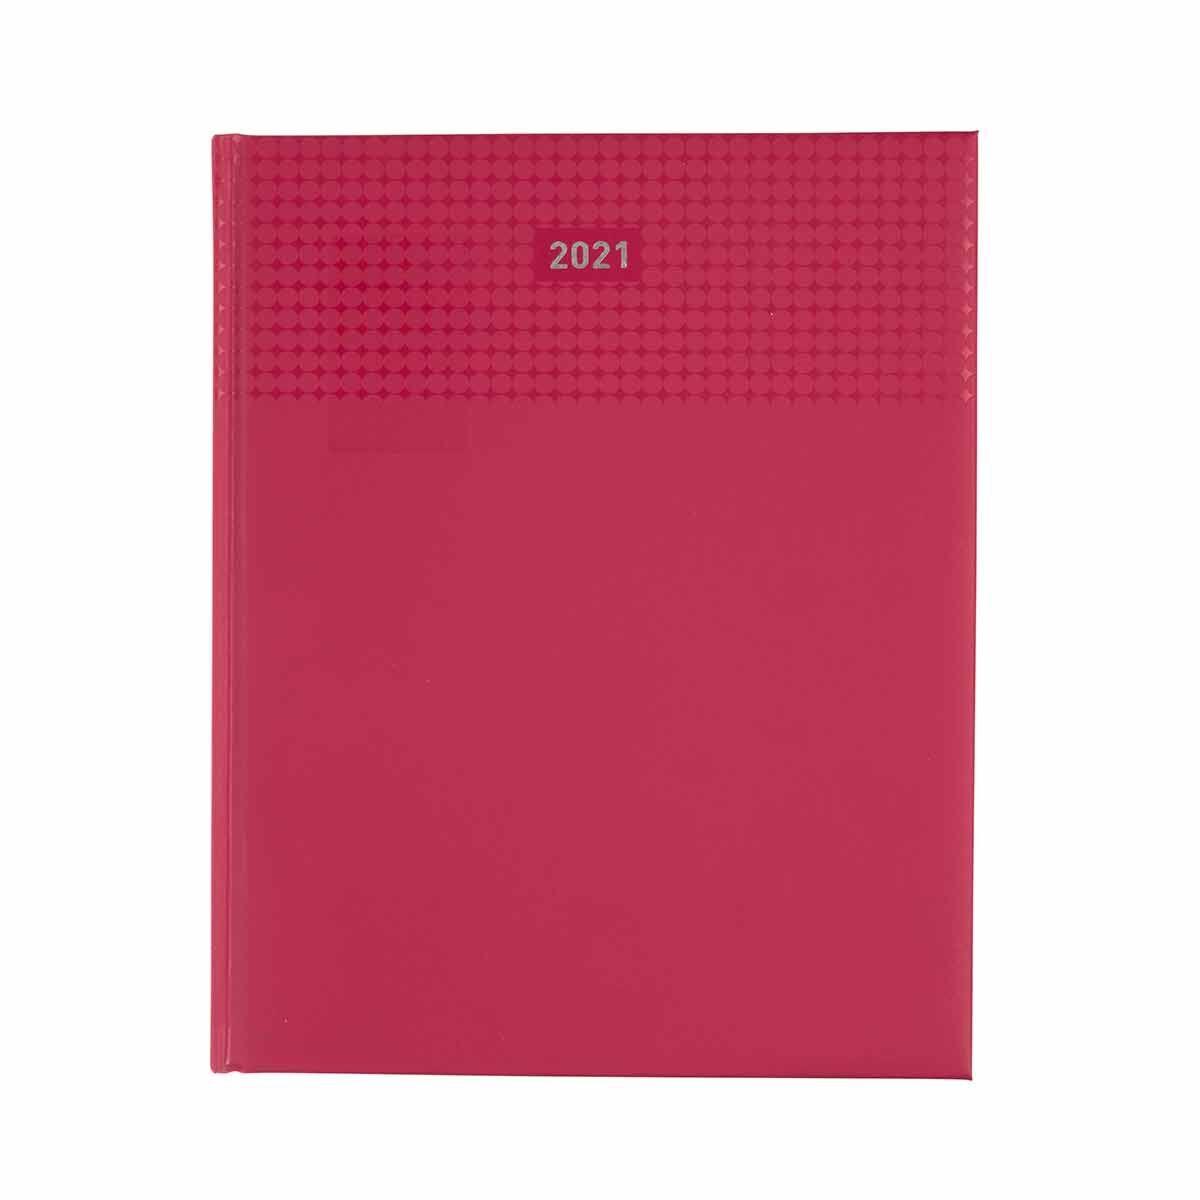 Ryman Langham Quarto Diary Week to View 2021 Red